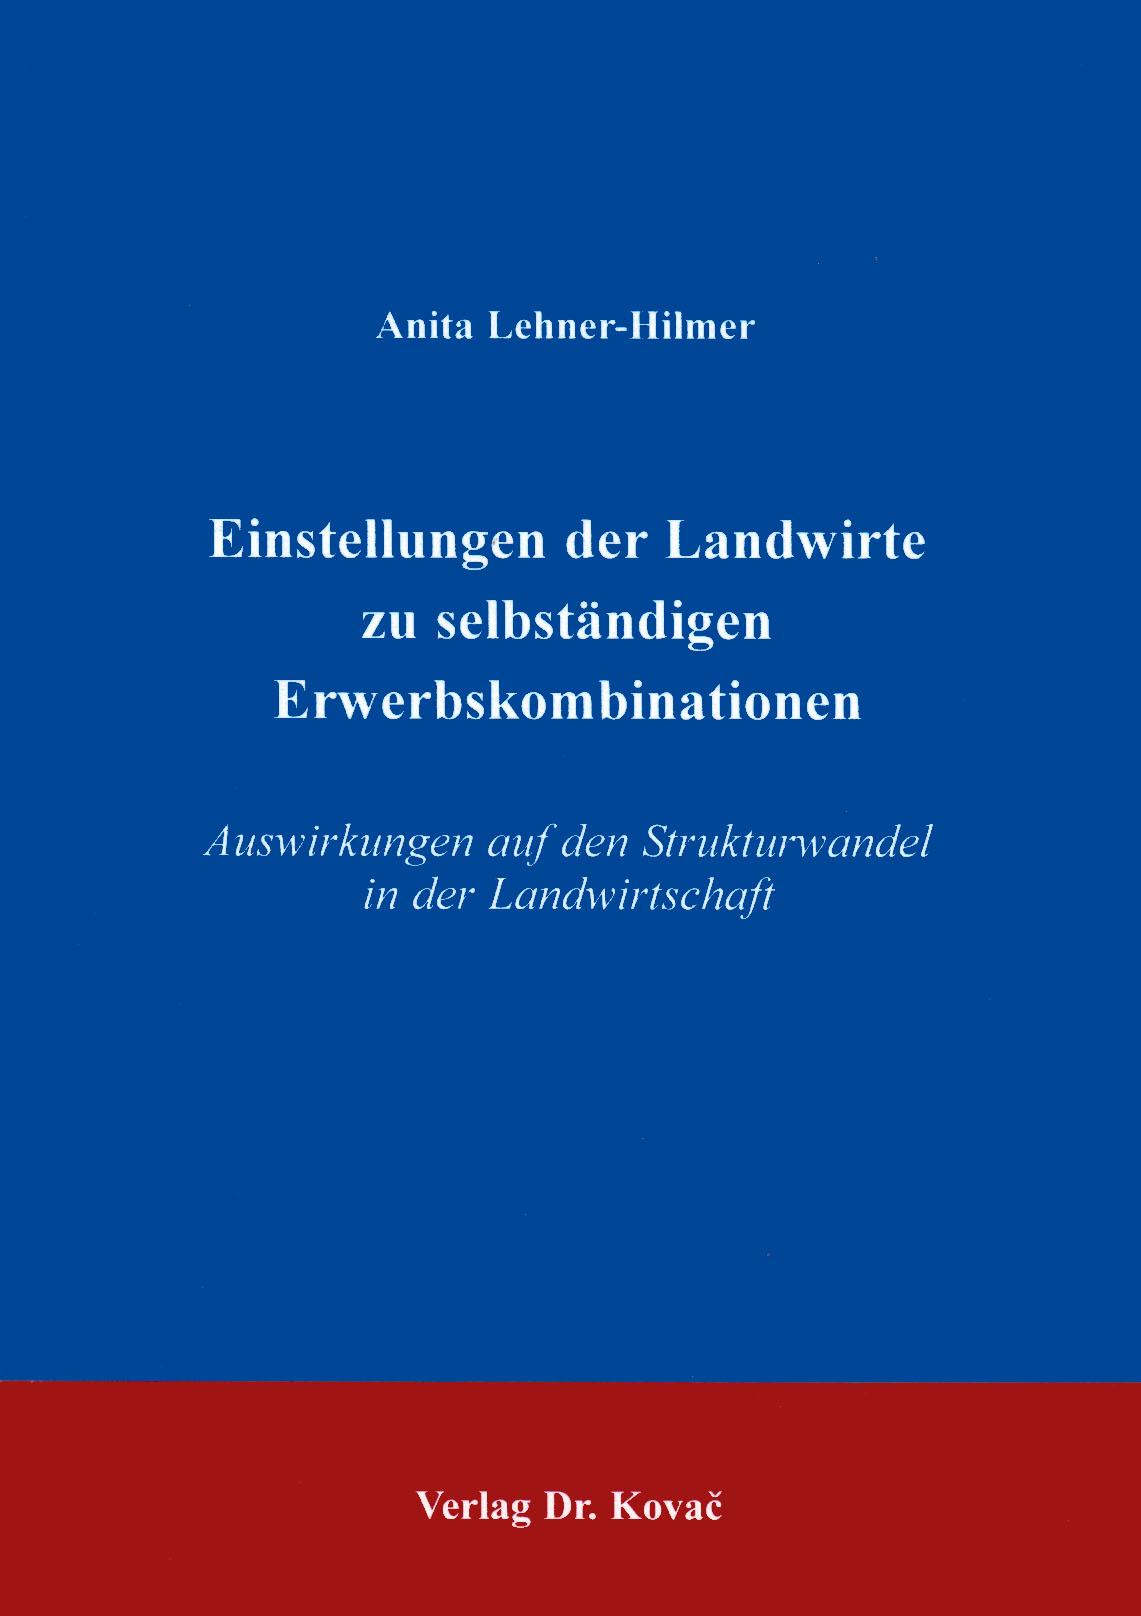 Cover: Einstellungen der Landwirte zu selbstständigen Erwerbskombinationen